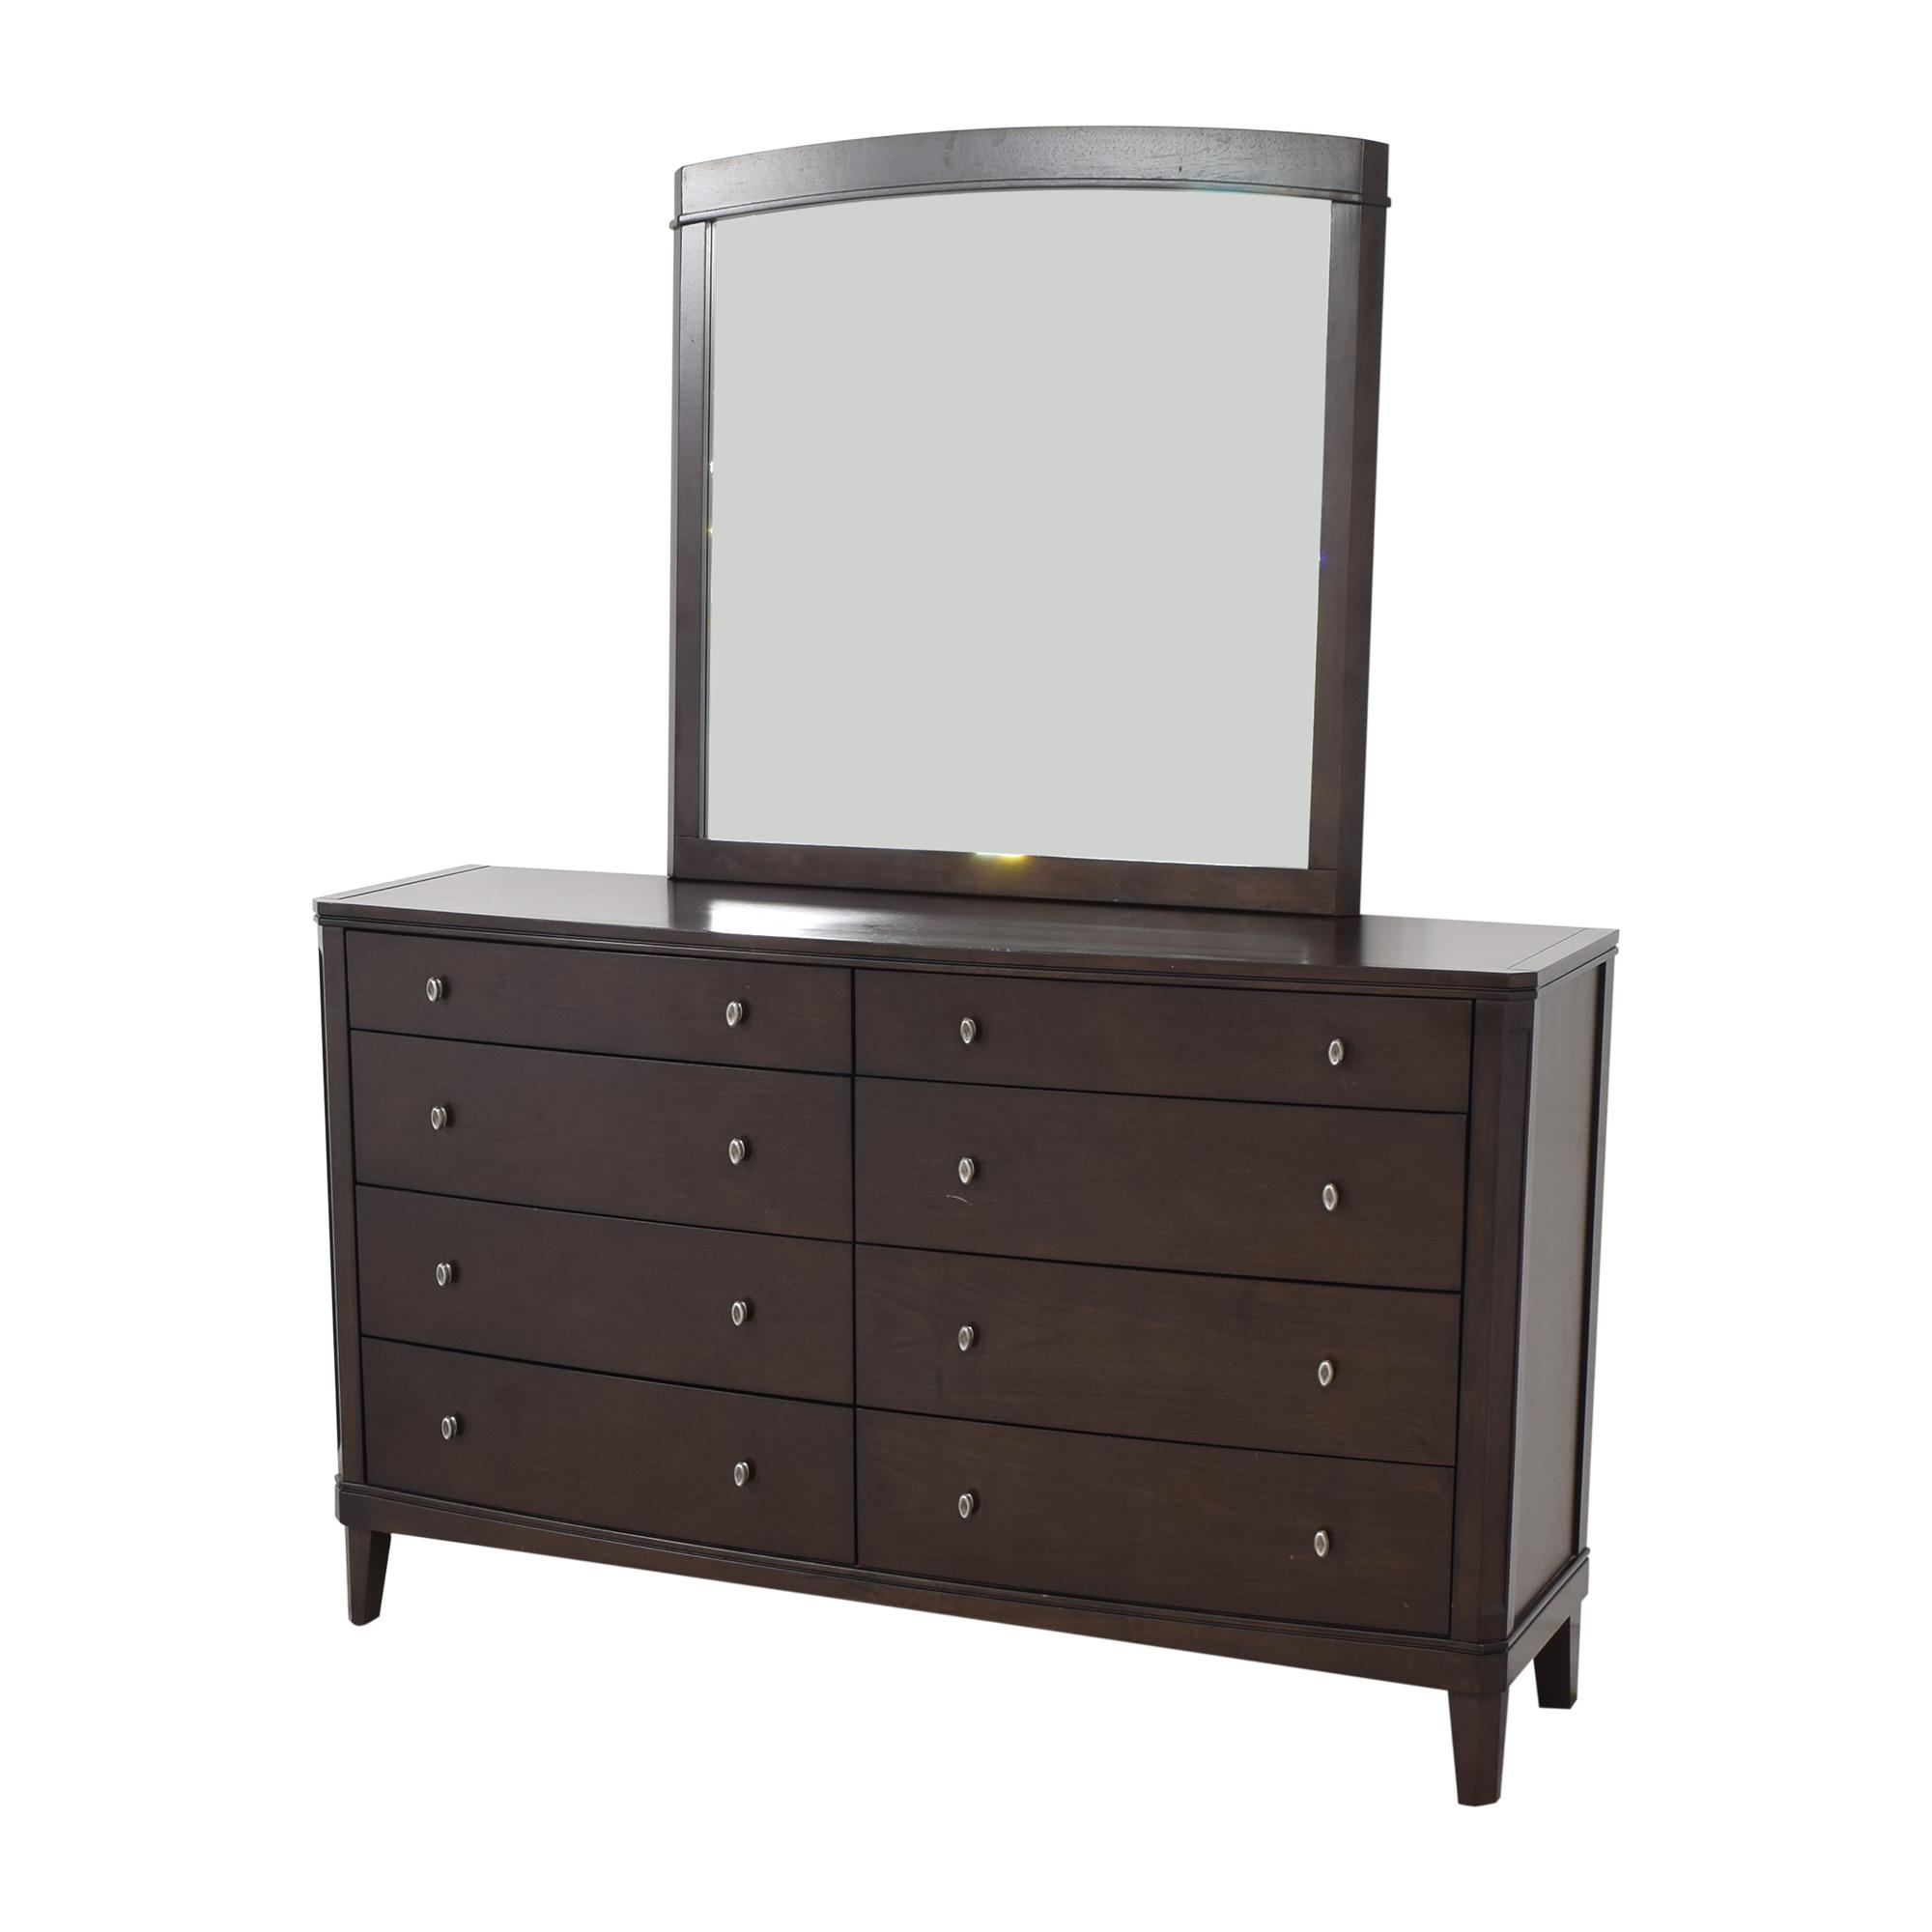 Casana Furniture Casana Furniture Freeport Dresser with Mirror dimensions